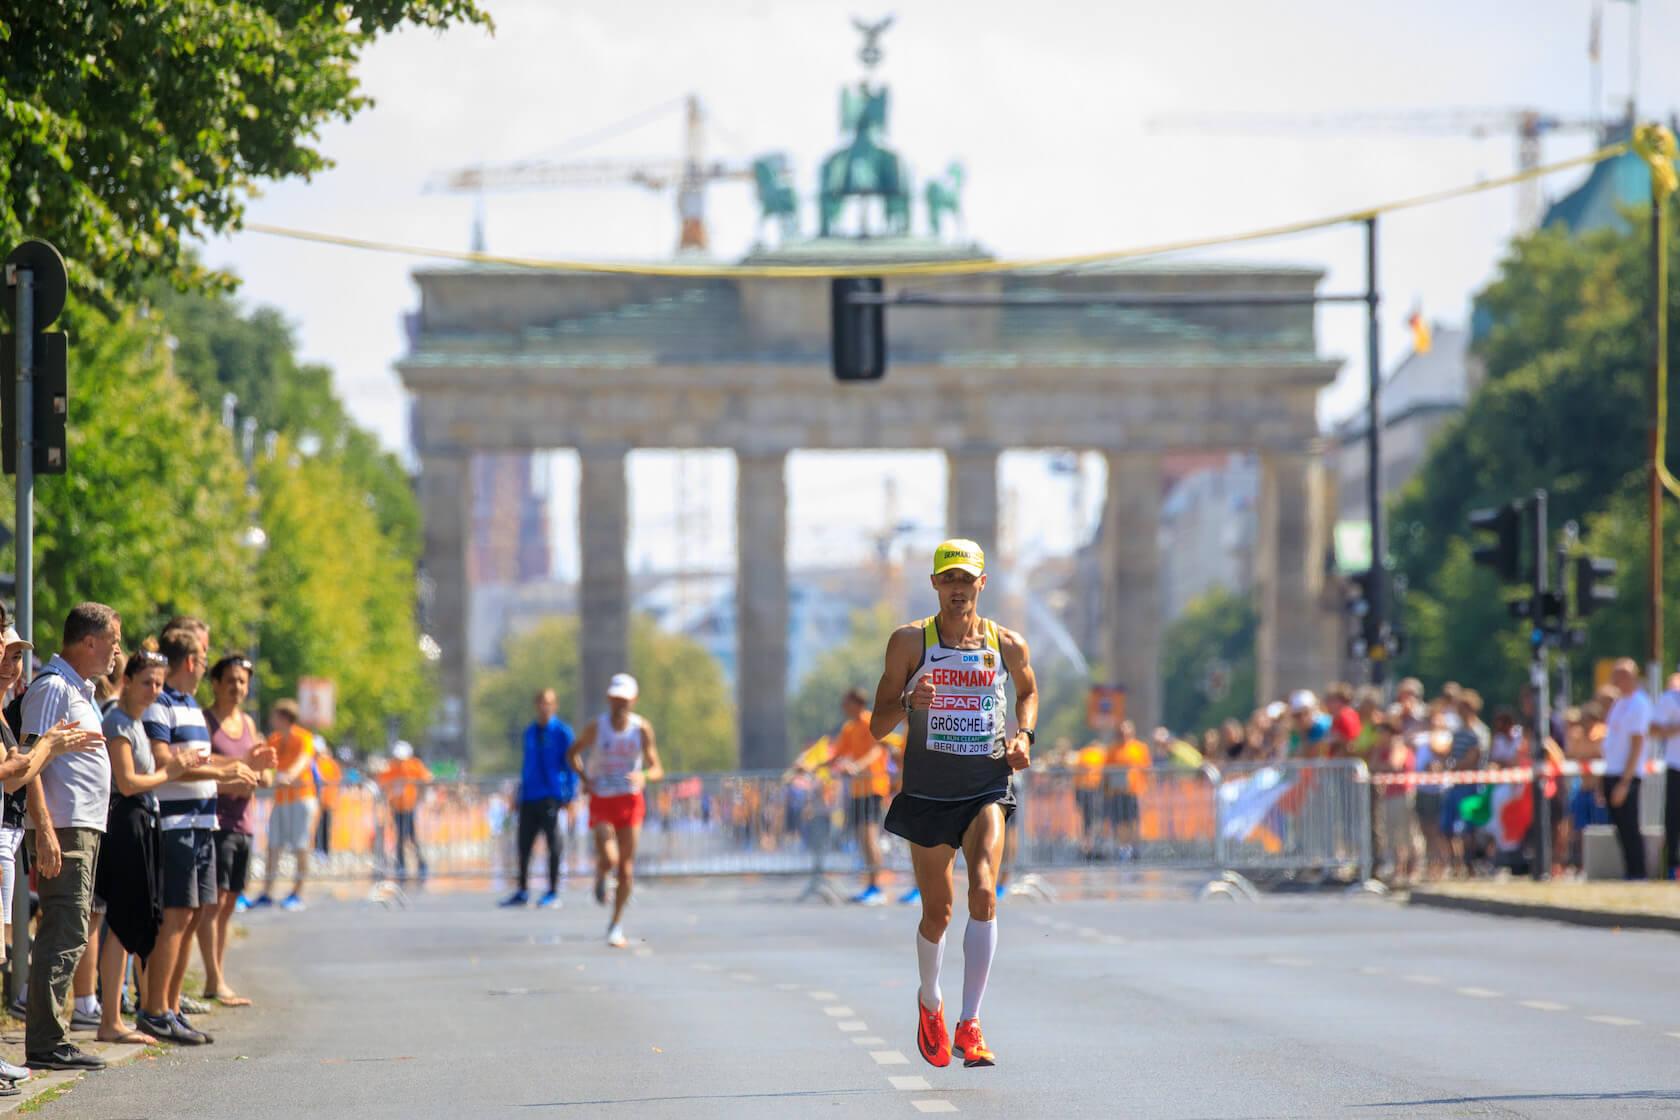 cw_sportmanagement_TomGroeschel_nw_180812_11_49_19